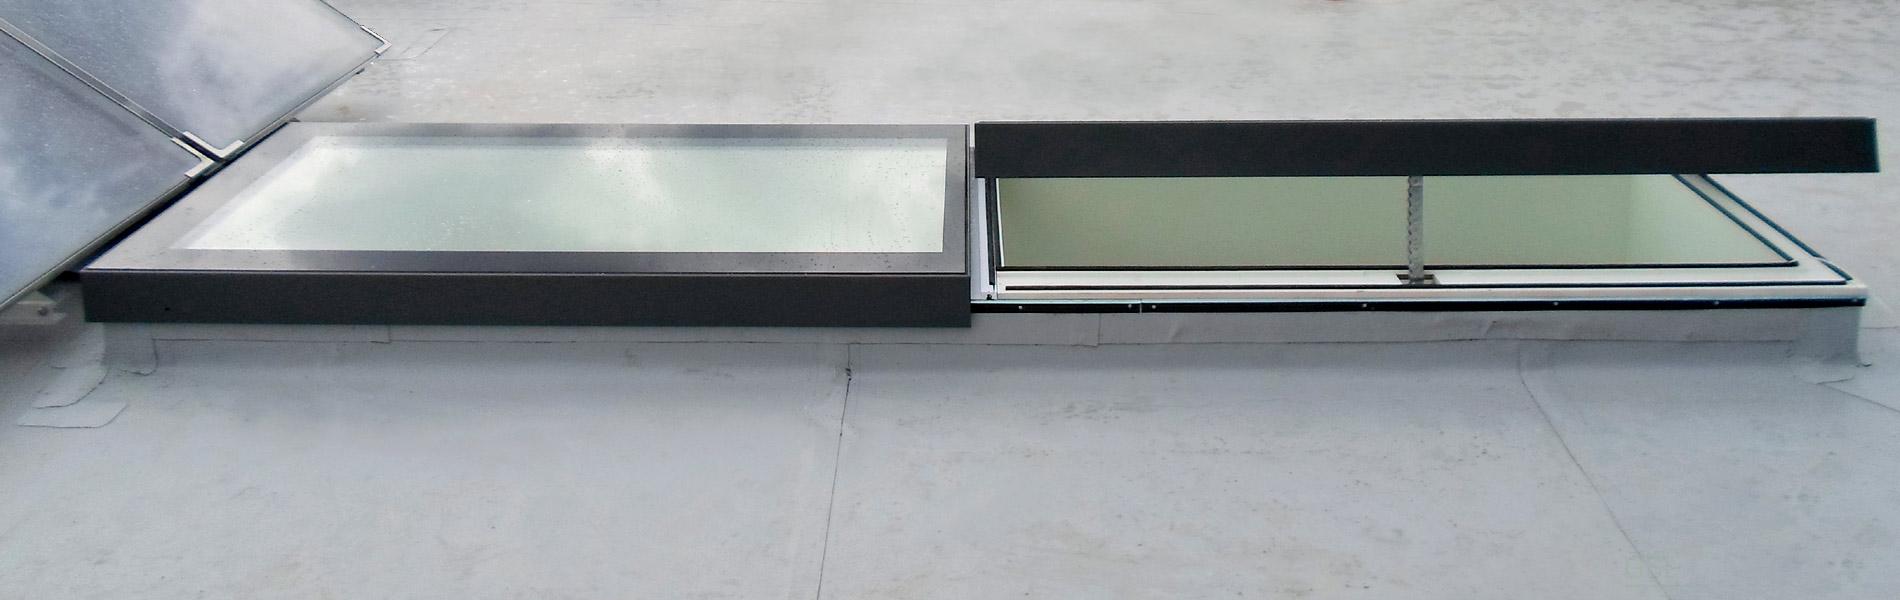 Design-Fenster LINEAR - Kombination aus festverglastem und zu öffnendem Oberlicht